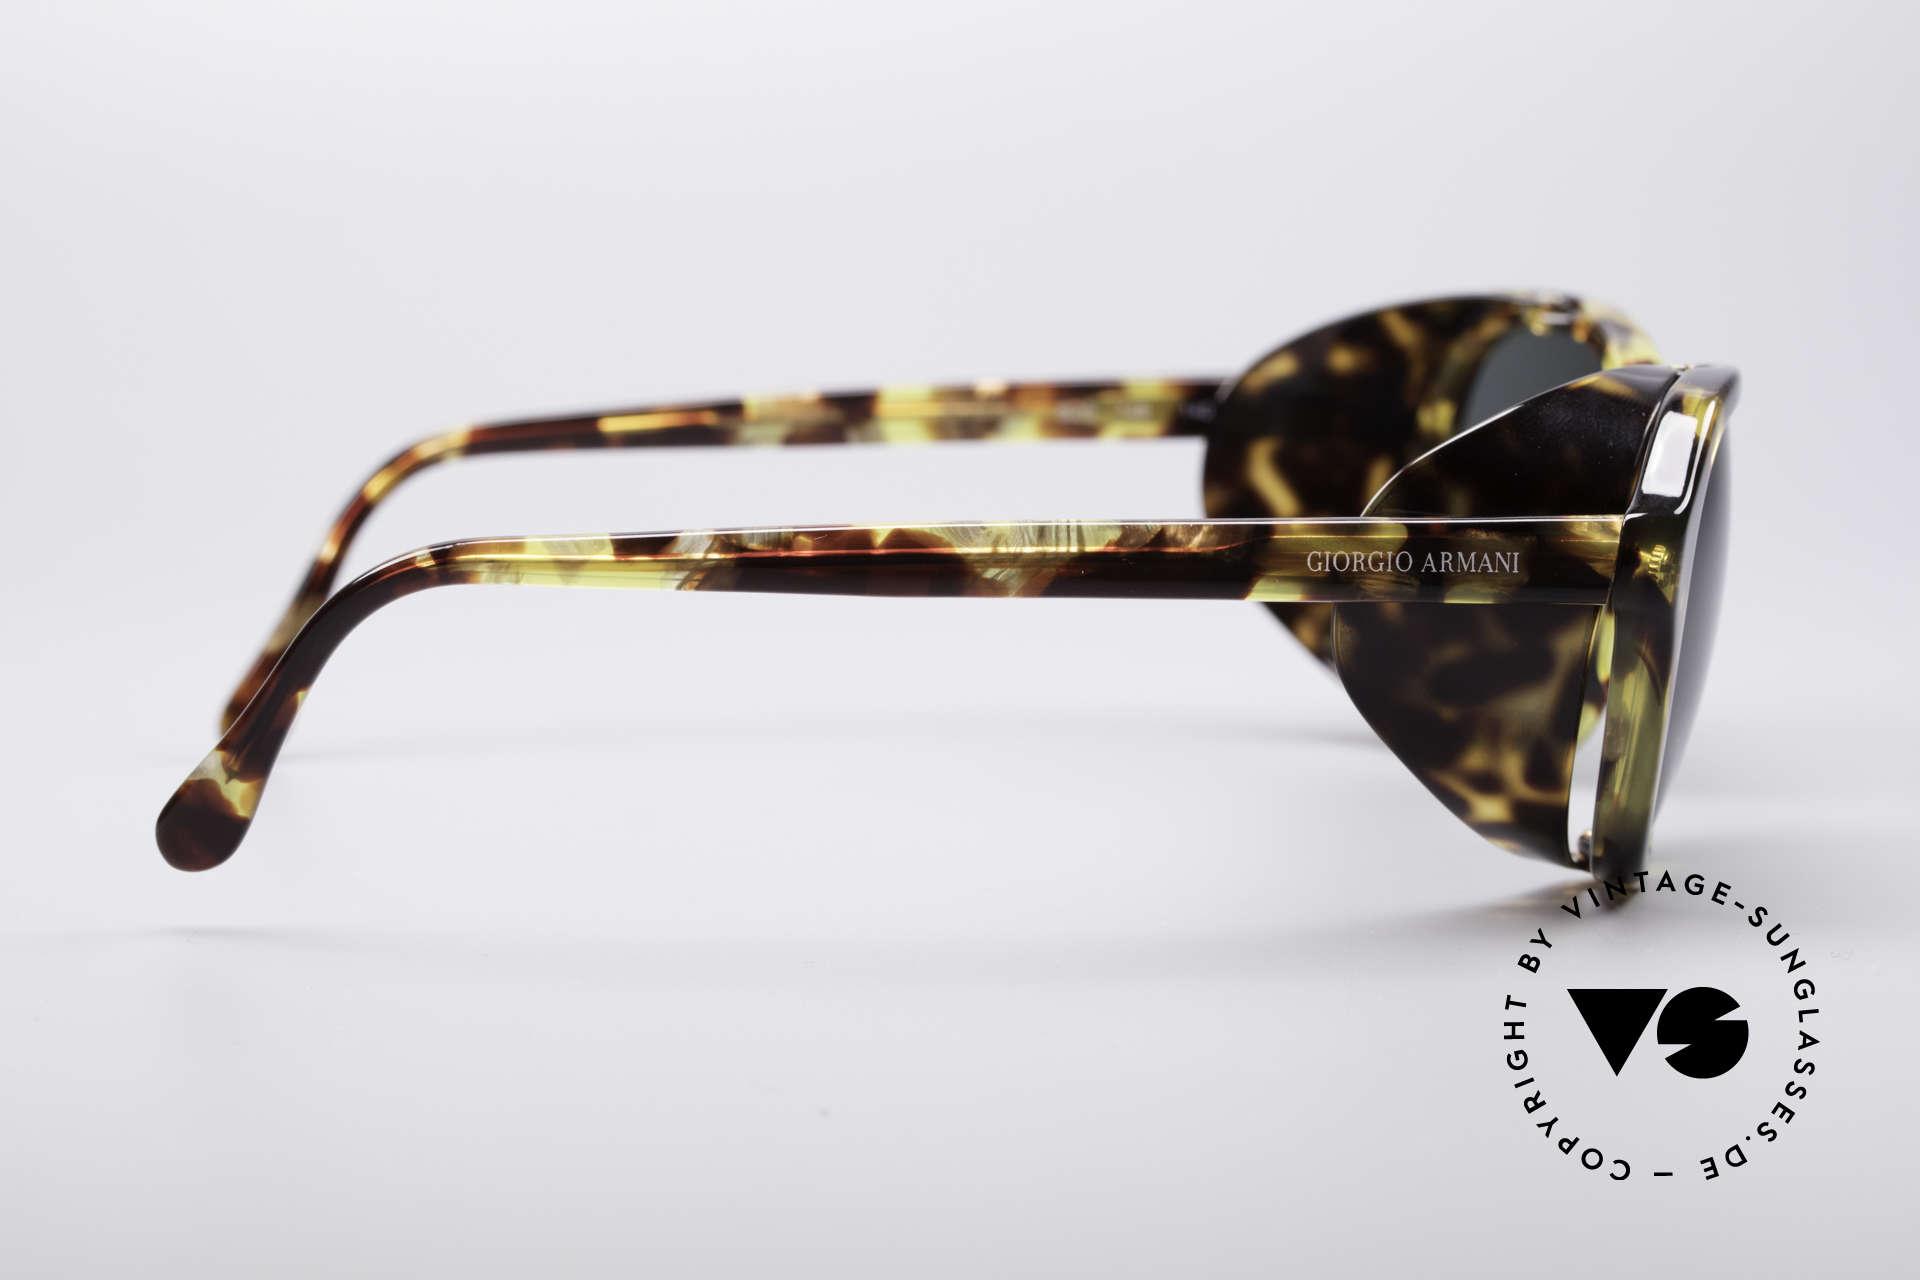 Giorgio Armani 826 No Retro Sonnenbrille 90er, ungetragen (wie all unsere 1990er Jahre Designerstücke), Passend für Damen